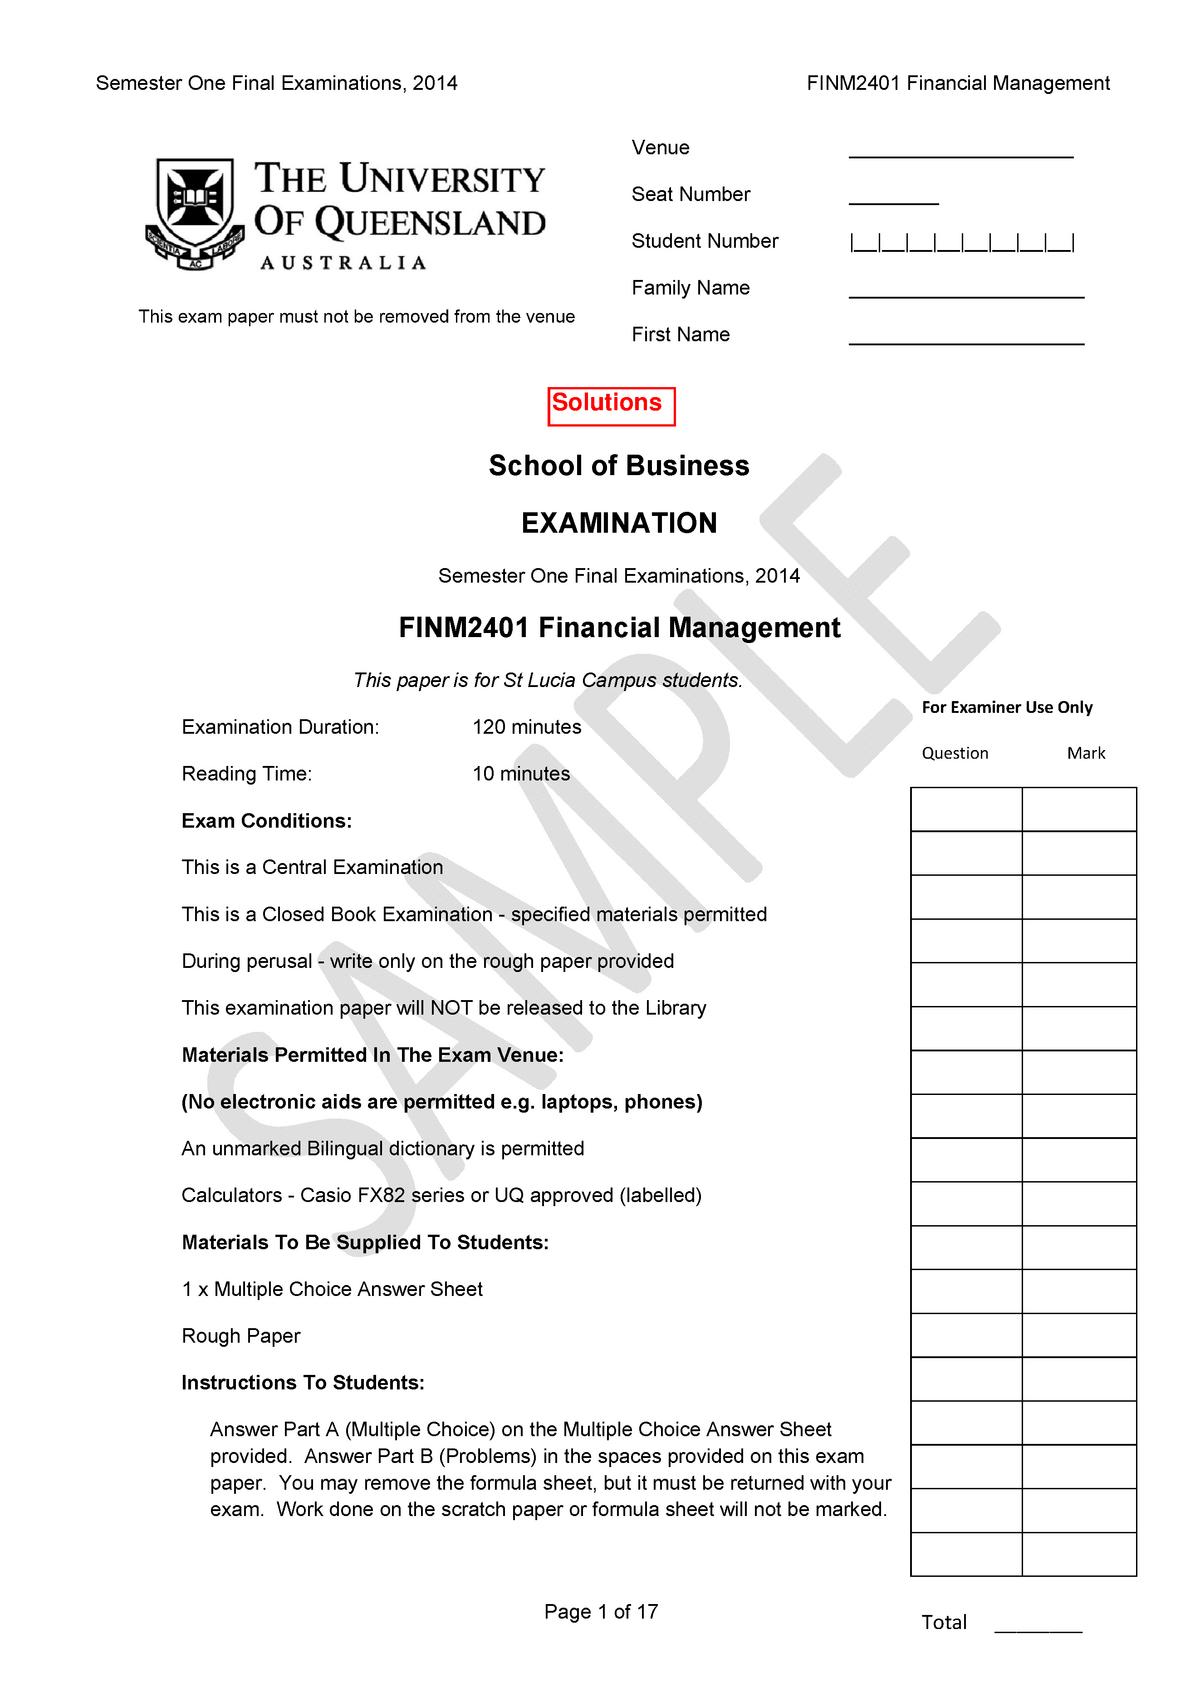 Exam 2014 - FINM2401: Financial Management - StuDocu